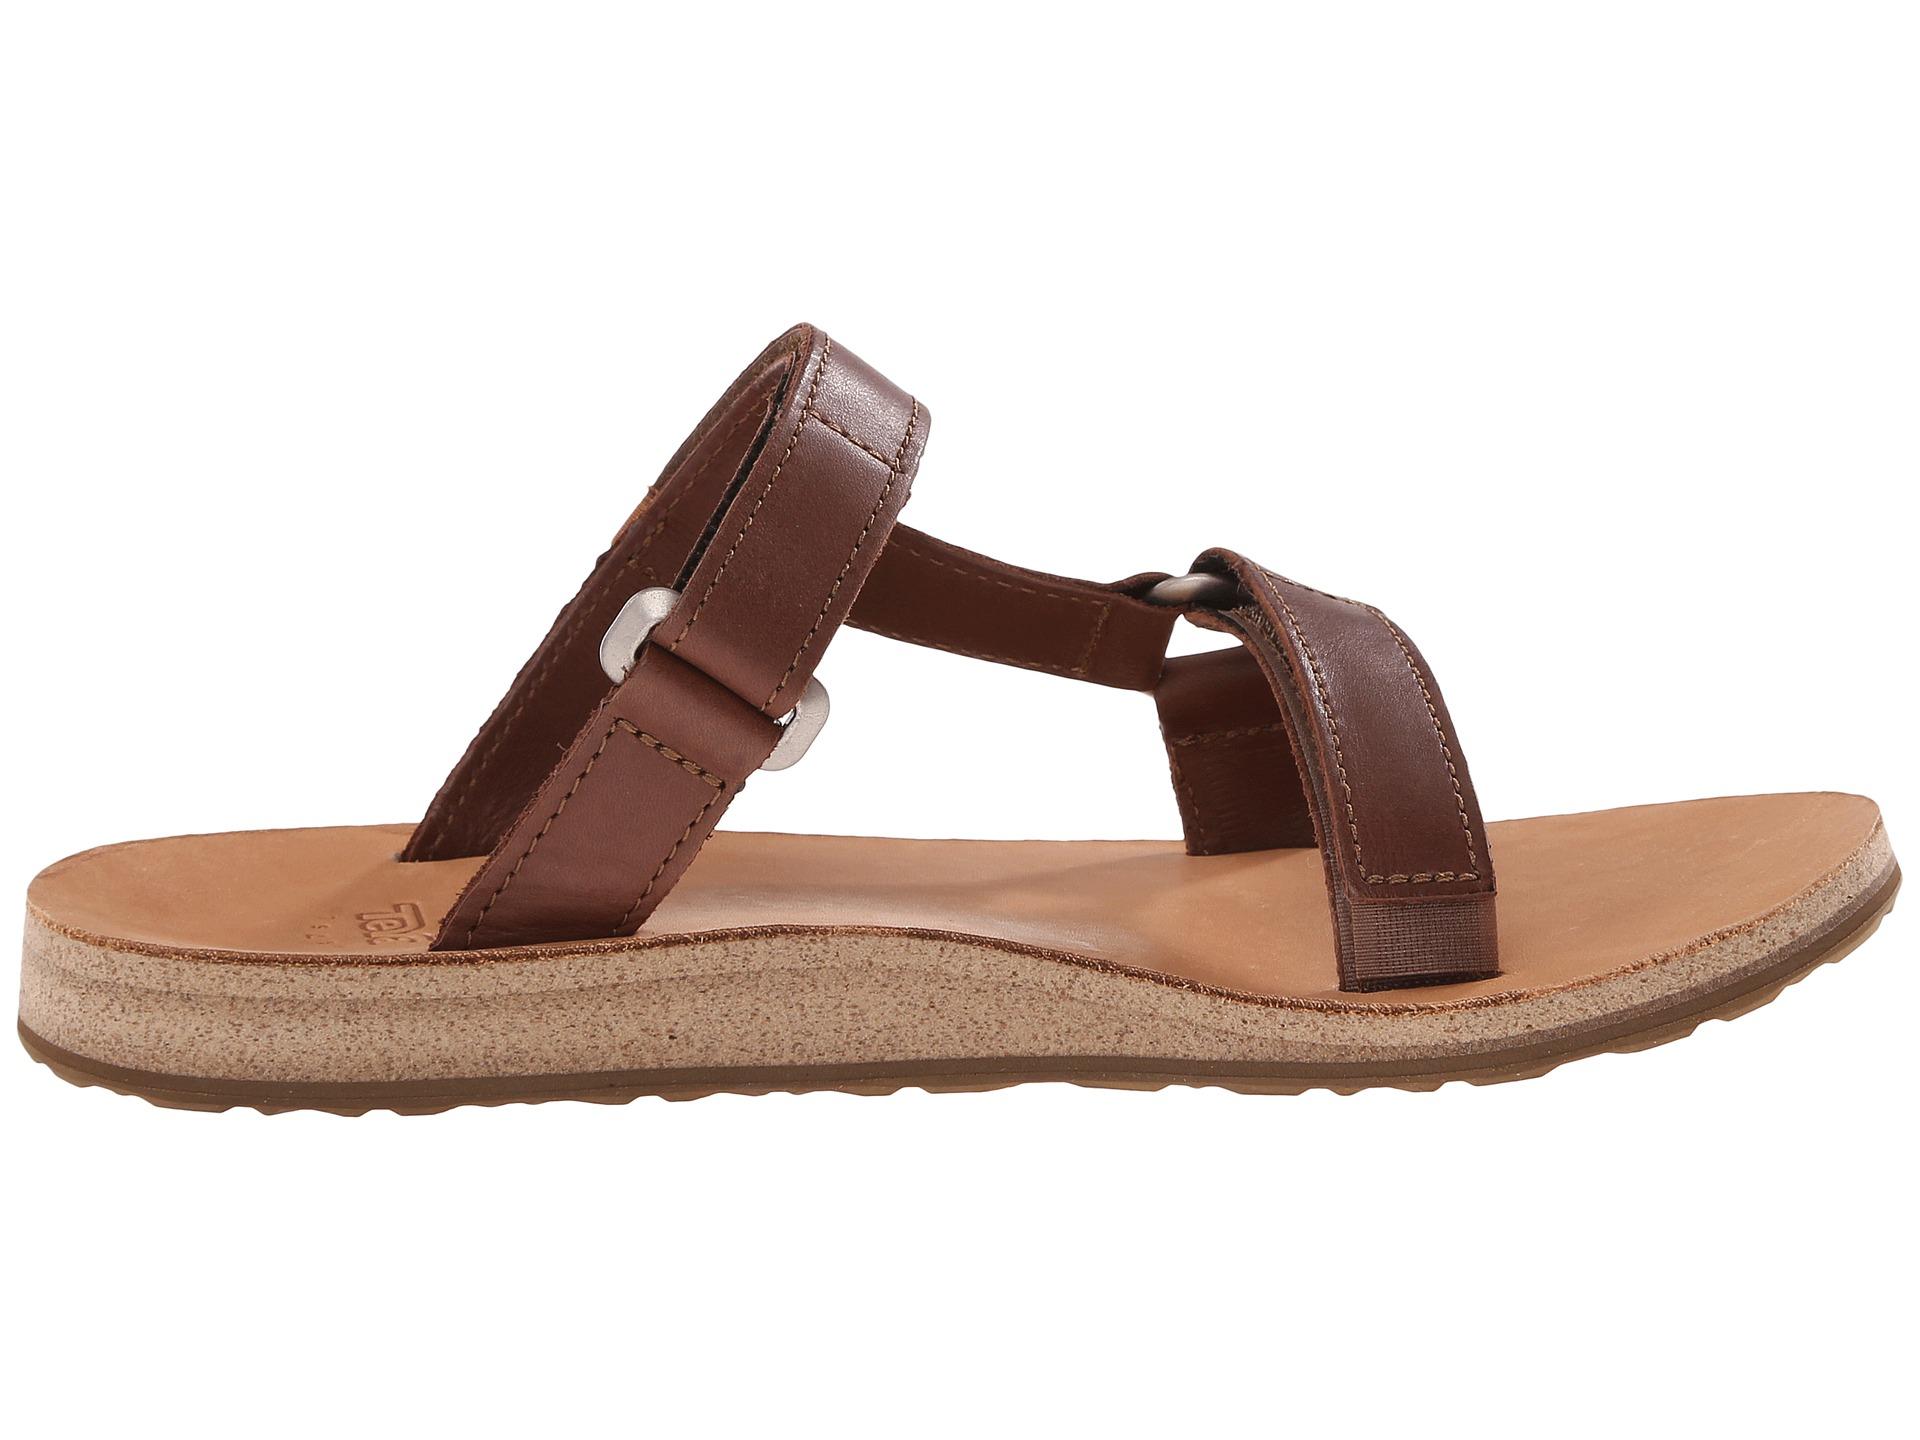 7361afd05792 Lyst - Teva Universal Slide Leather in Brown